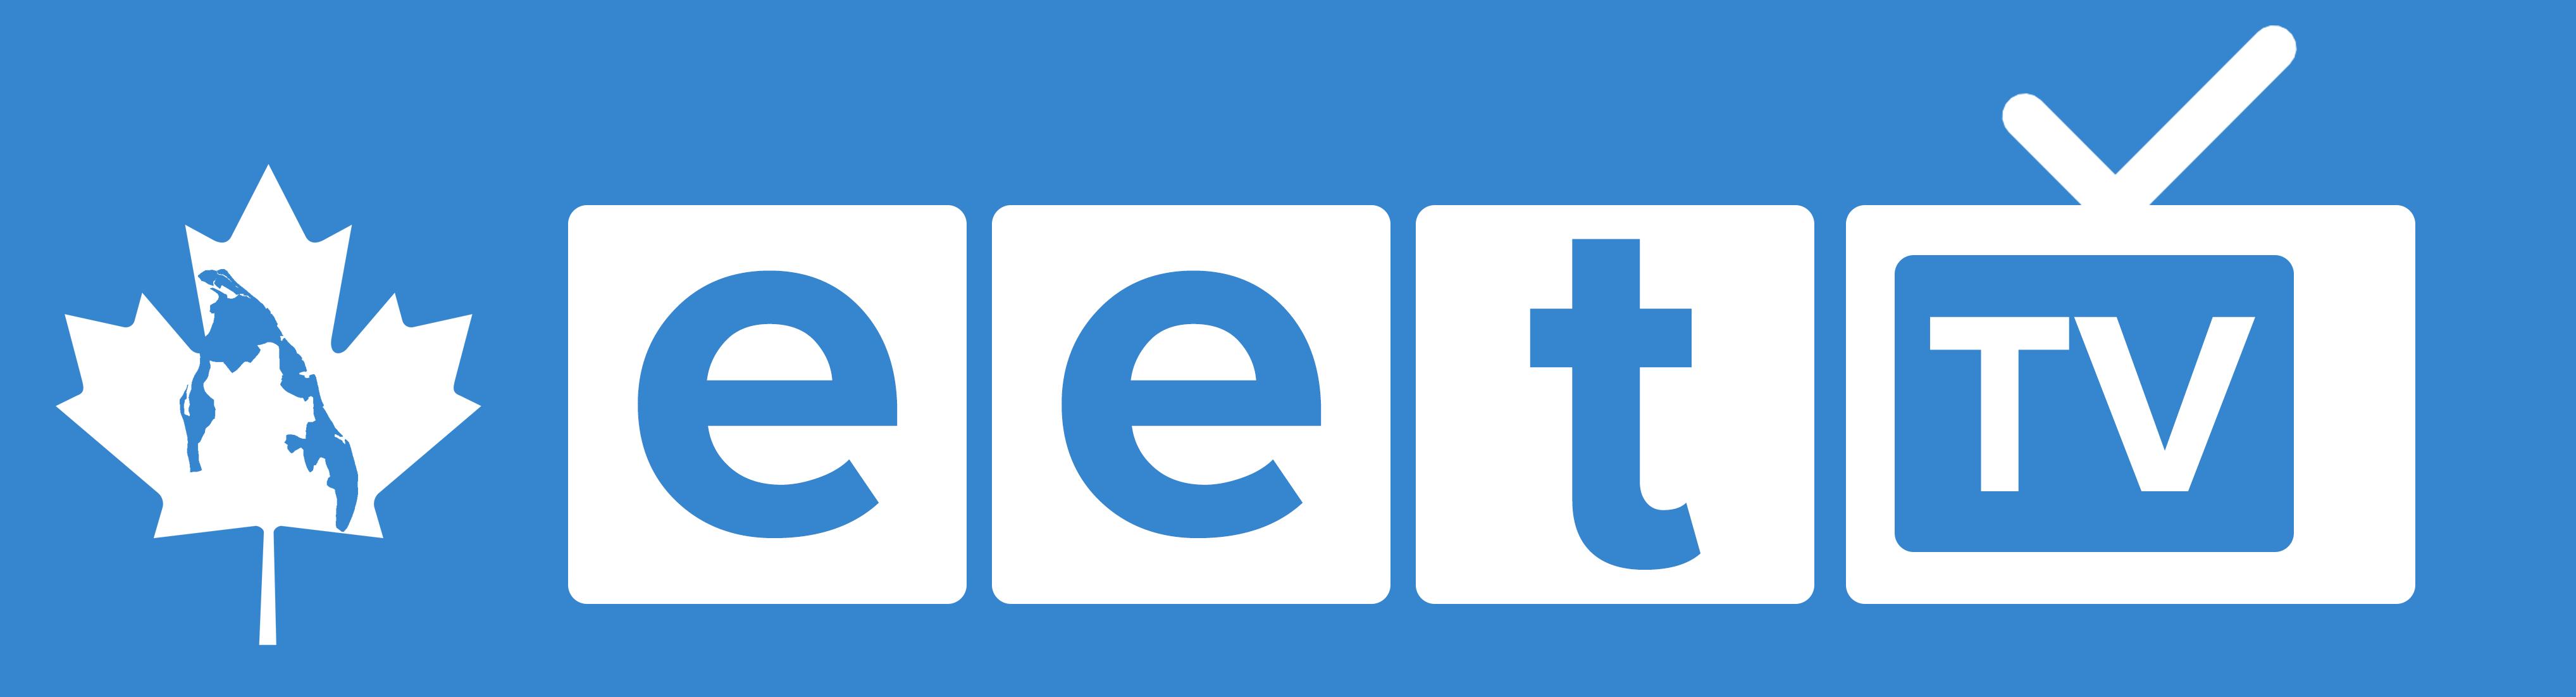 EET TV